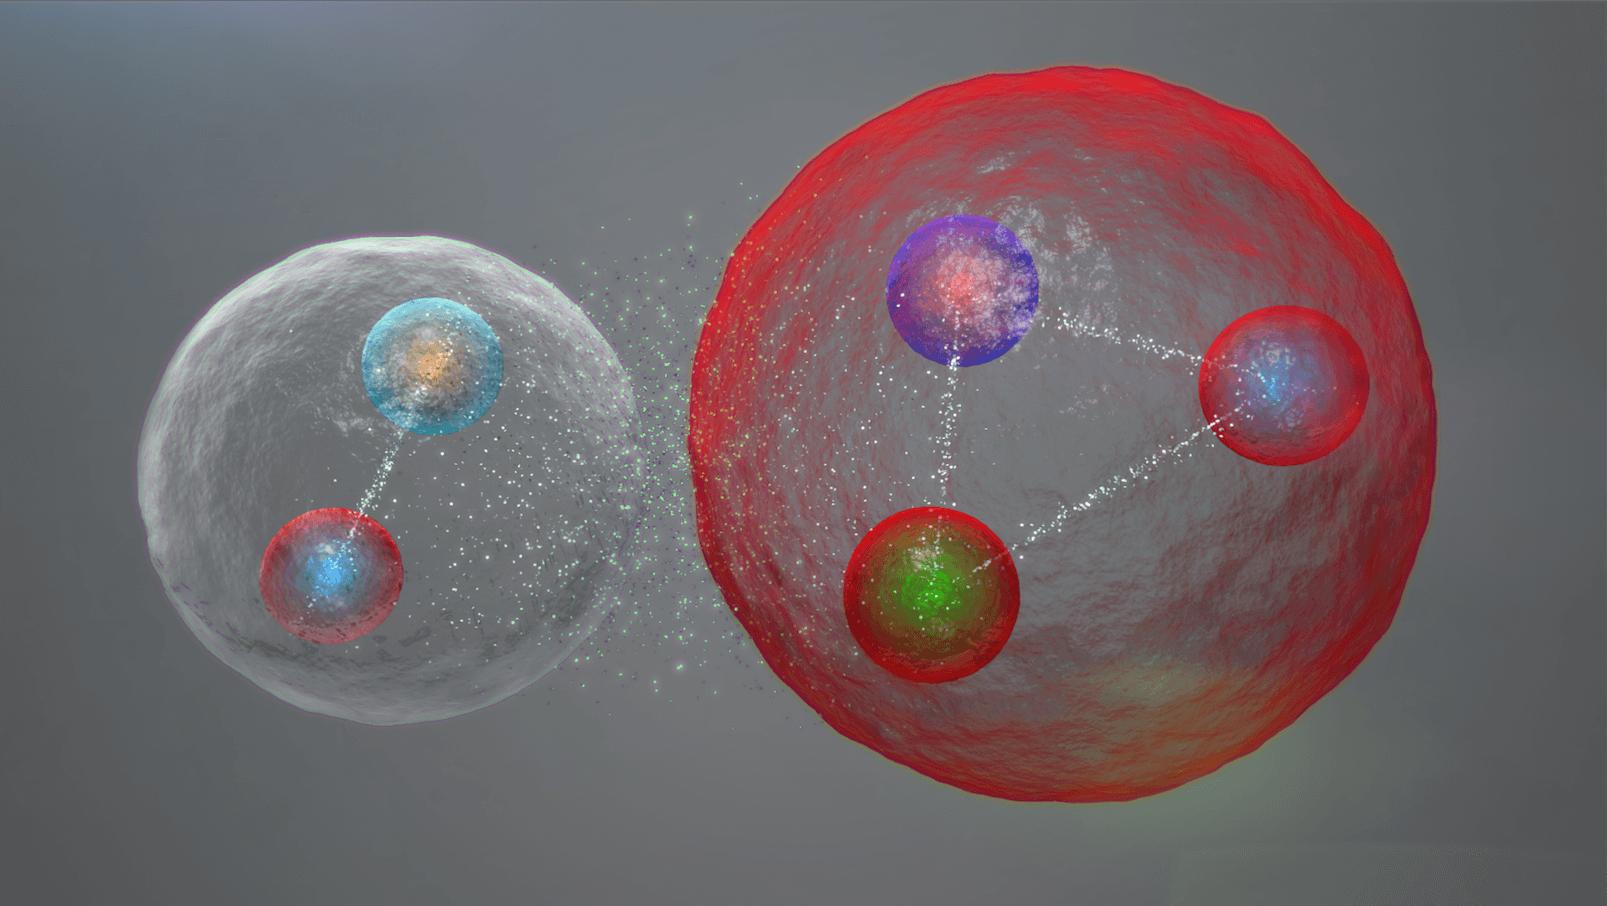 Почему во Вселенной больше материи, чем антиматерии?